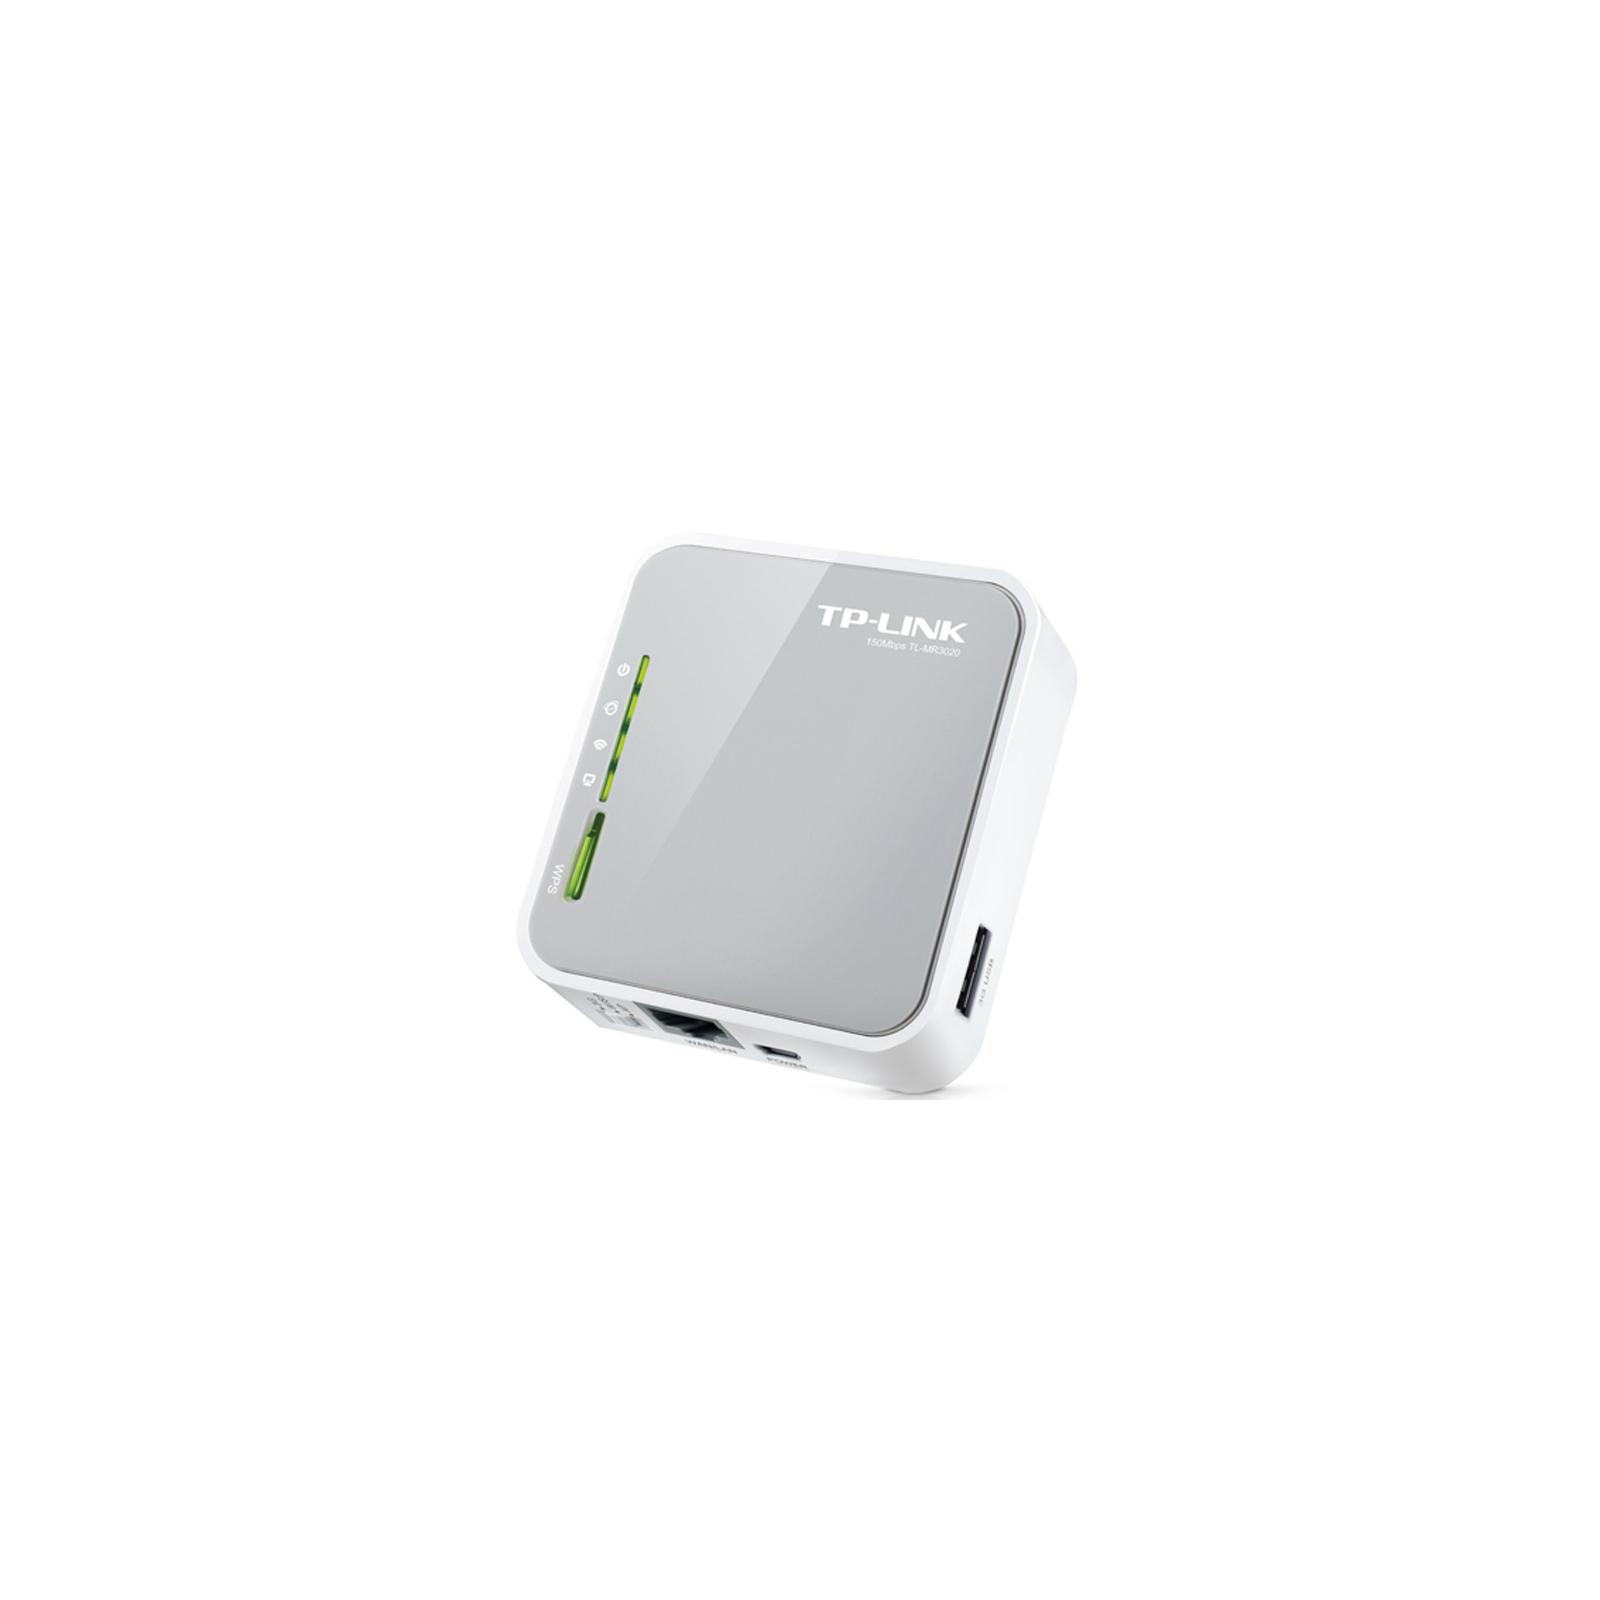 Маршрутизатор TP-Link TL-MR3020 изображение 2